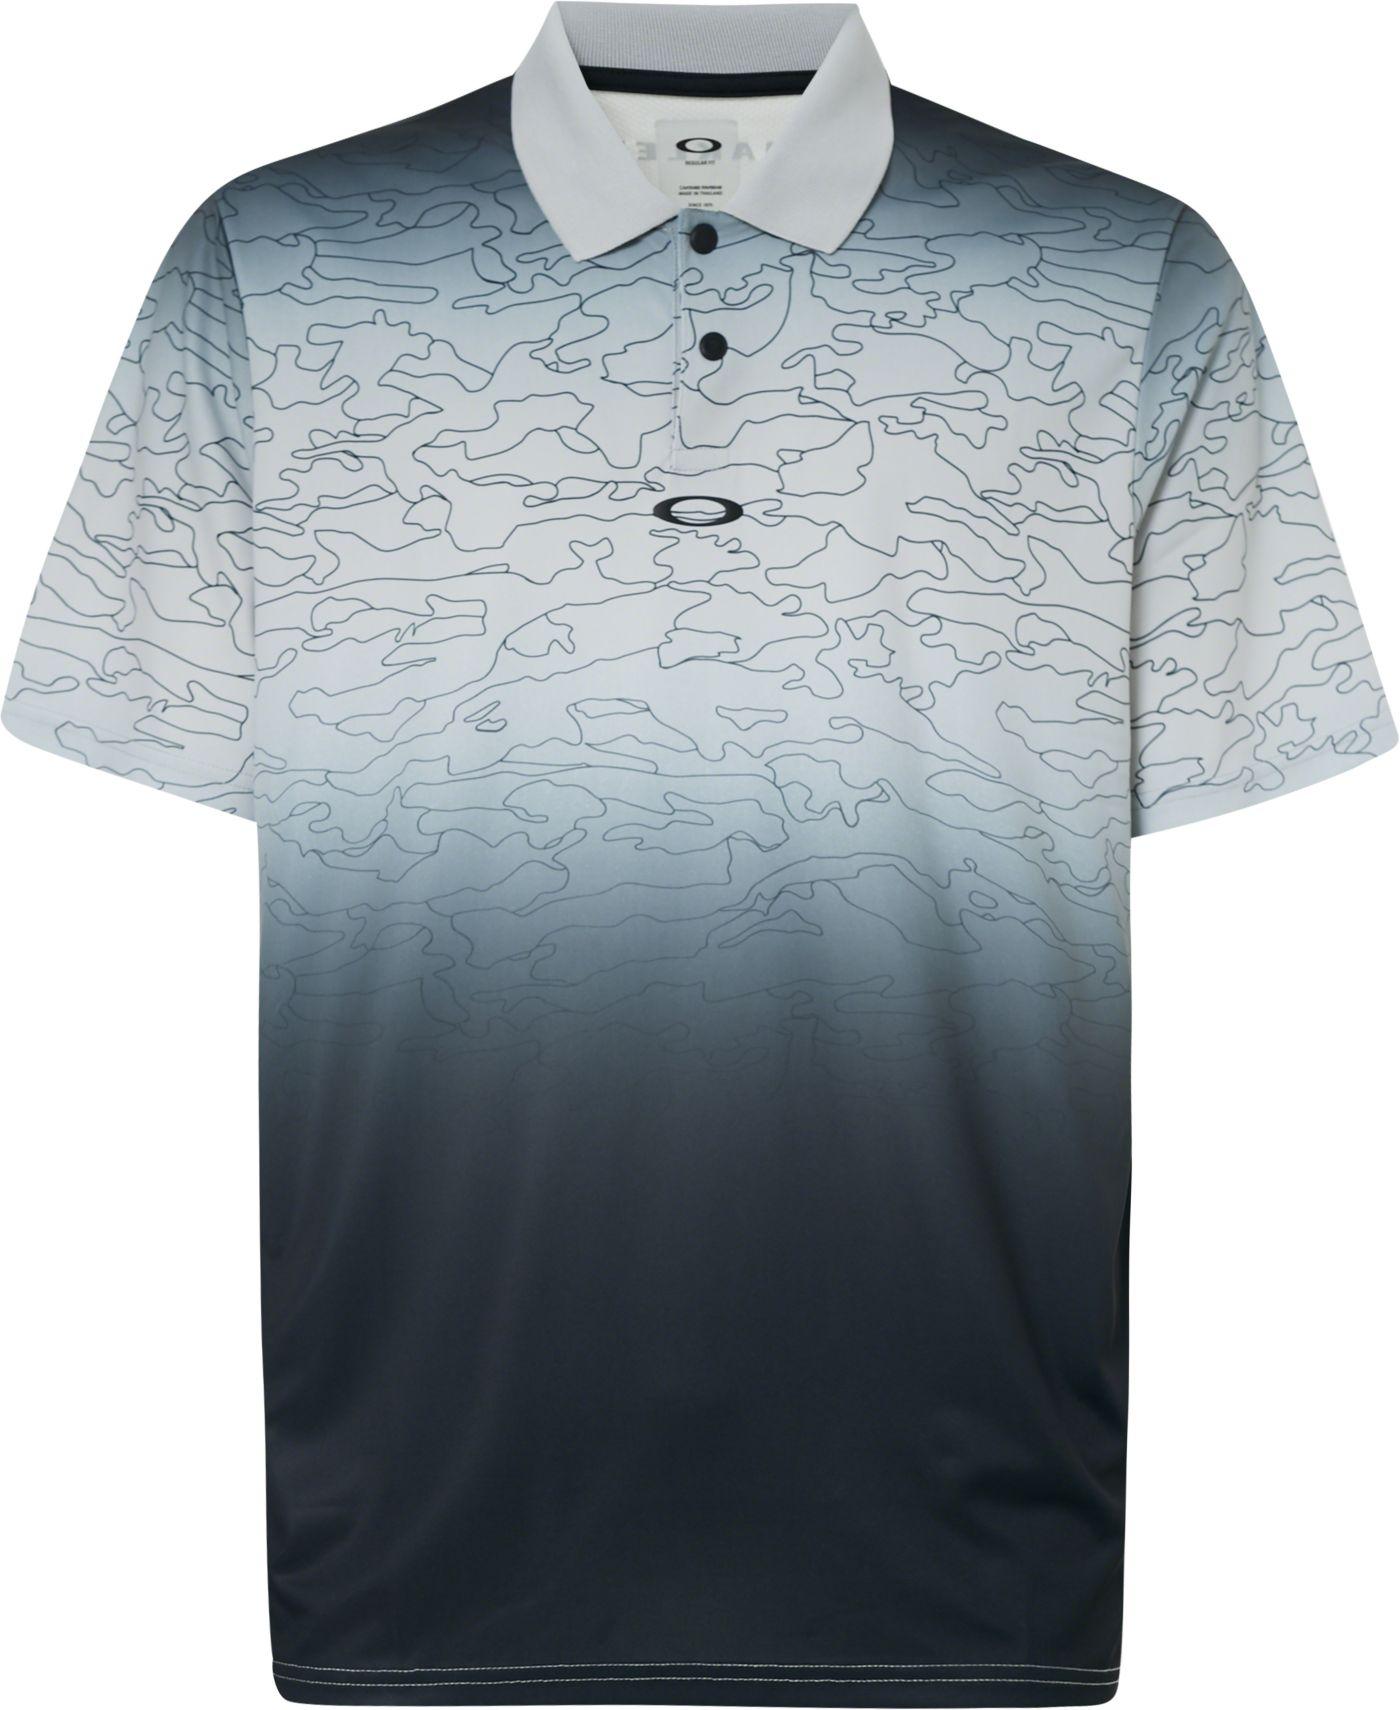 Oakley Men's Sublimated Camo Golf Polo